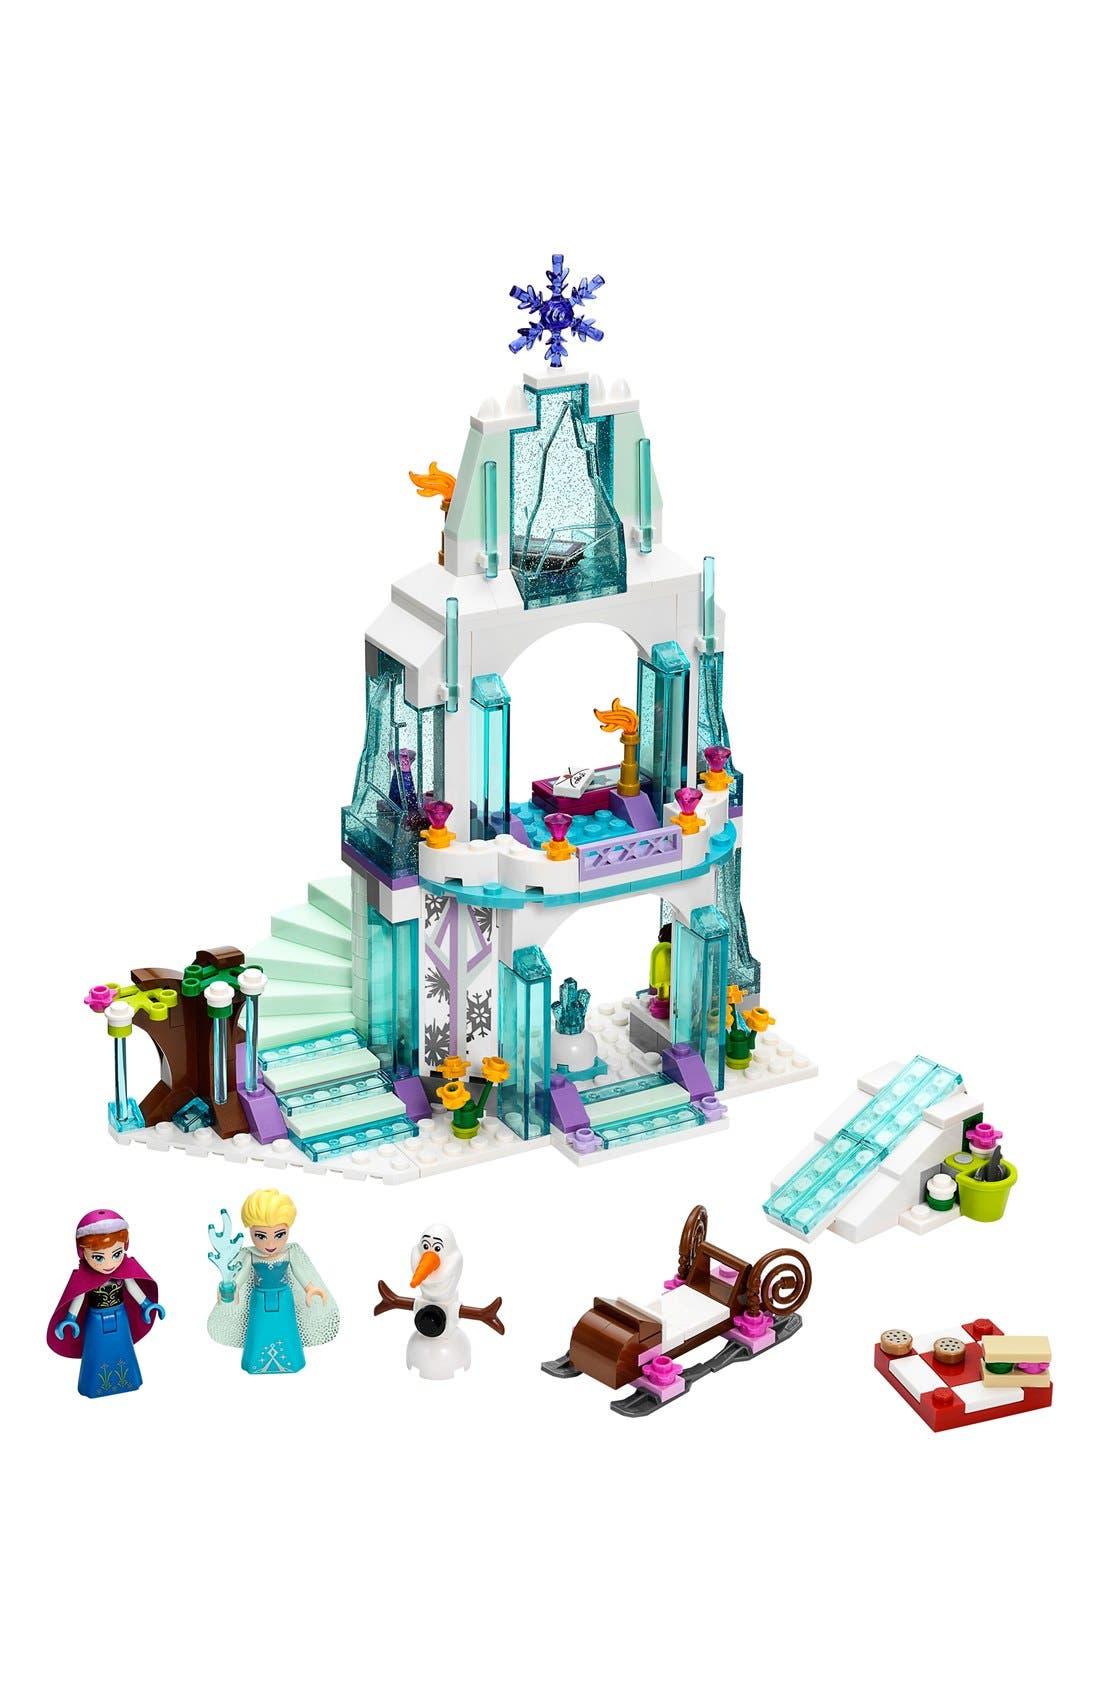 Disney<sup>™</sup> Princess Elsa's Sparkling Ice Castle - 41062,                             Alternate thumbnail 4, color,                             960